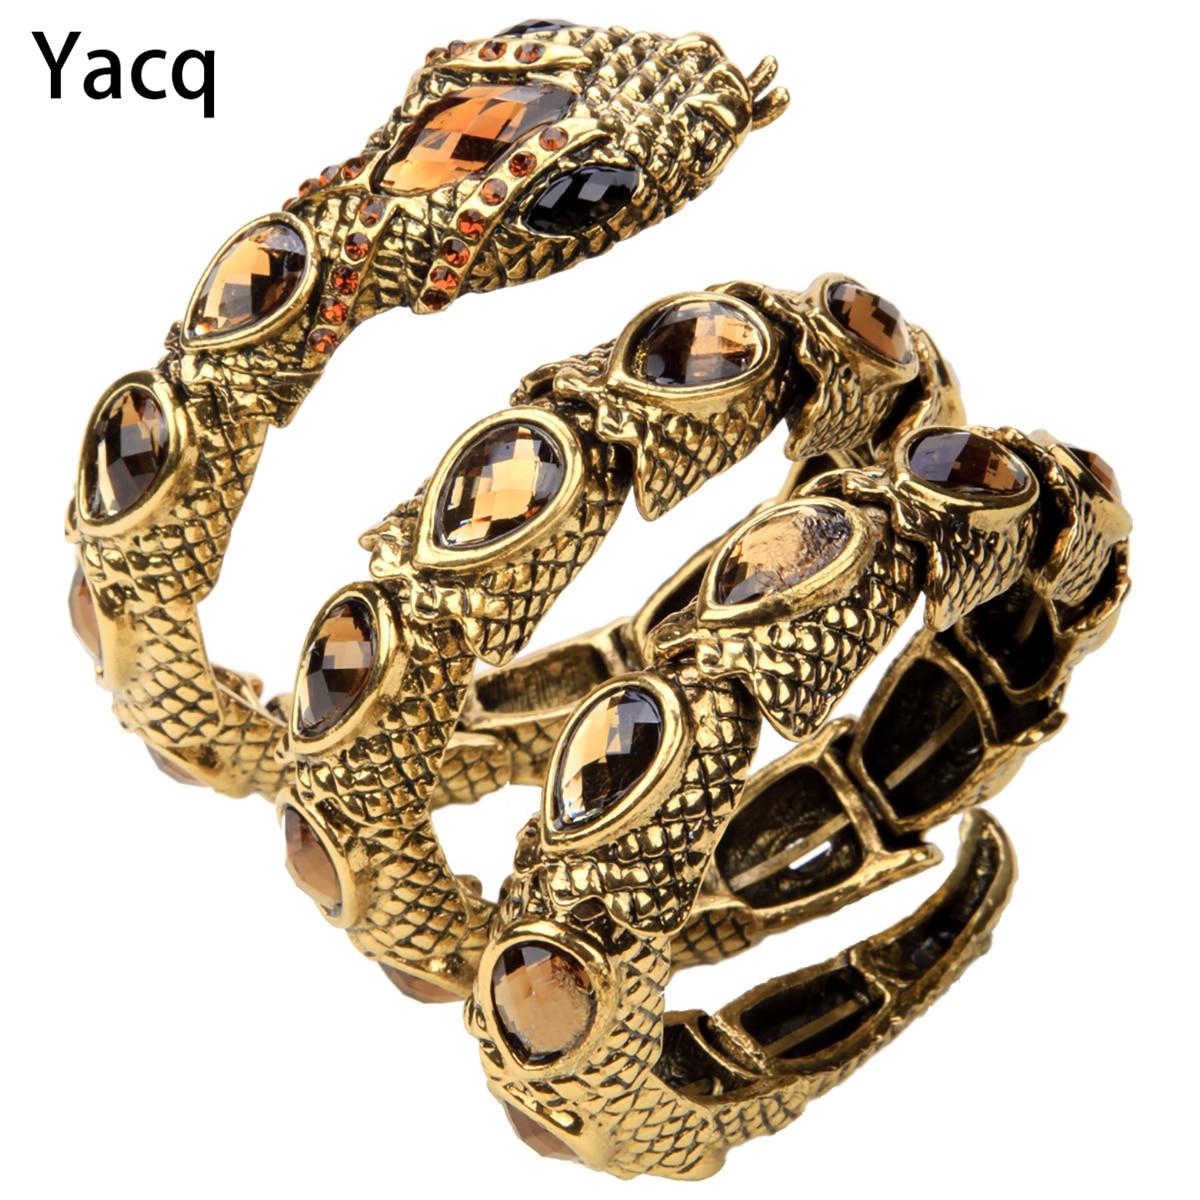 YACQ Extensible Serpent Bracelet Brassard Bras Manchette Femmes Punk Rock Cristal Bracelet Bijoux Or Argent Couleur Dropshipping A32